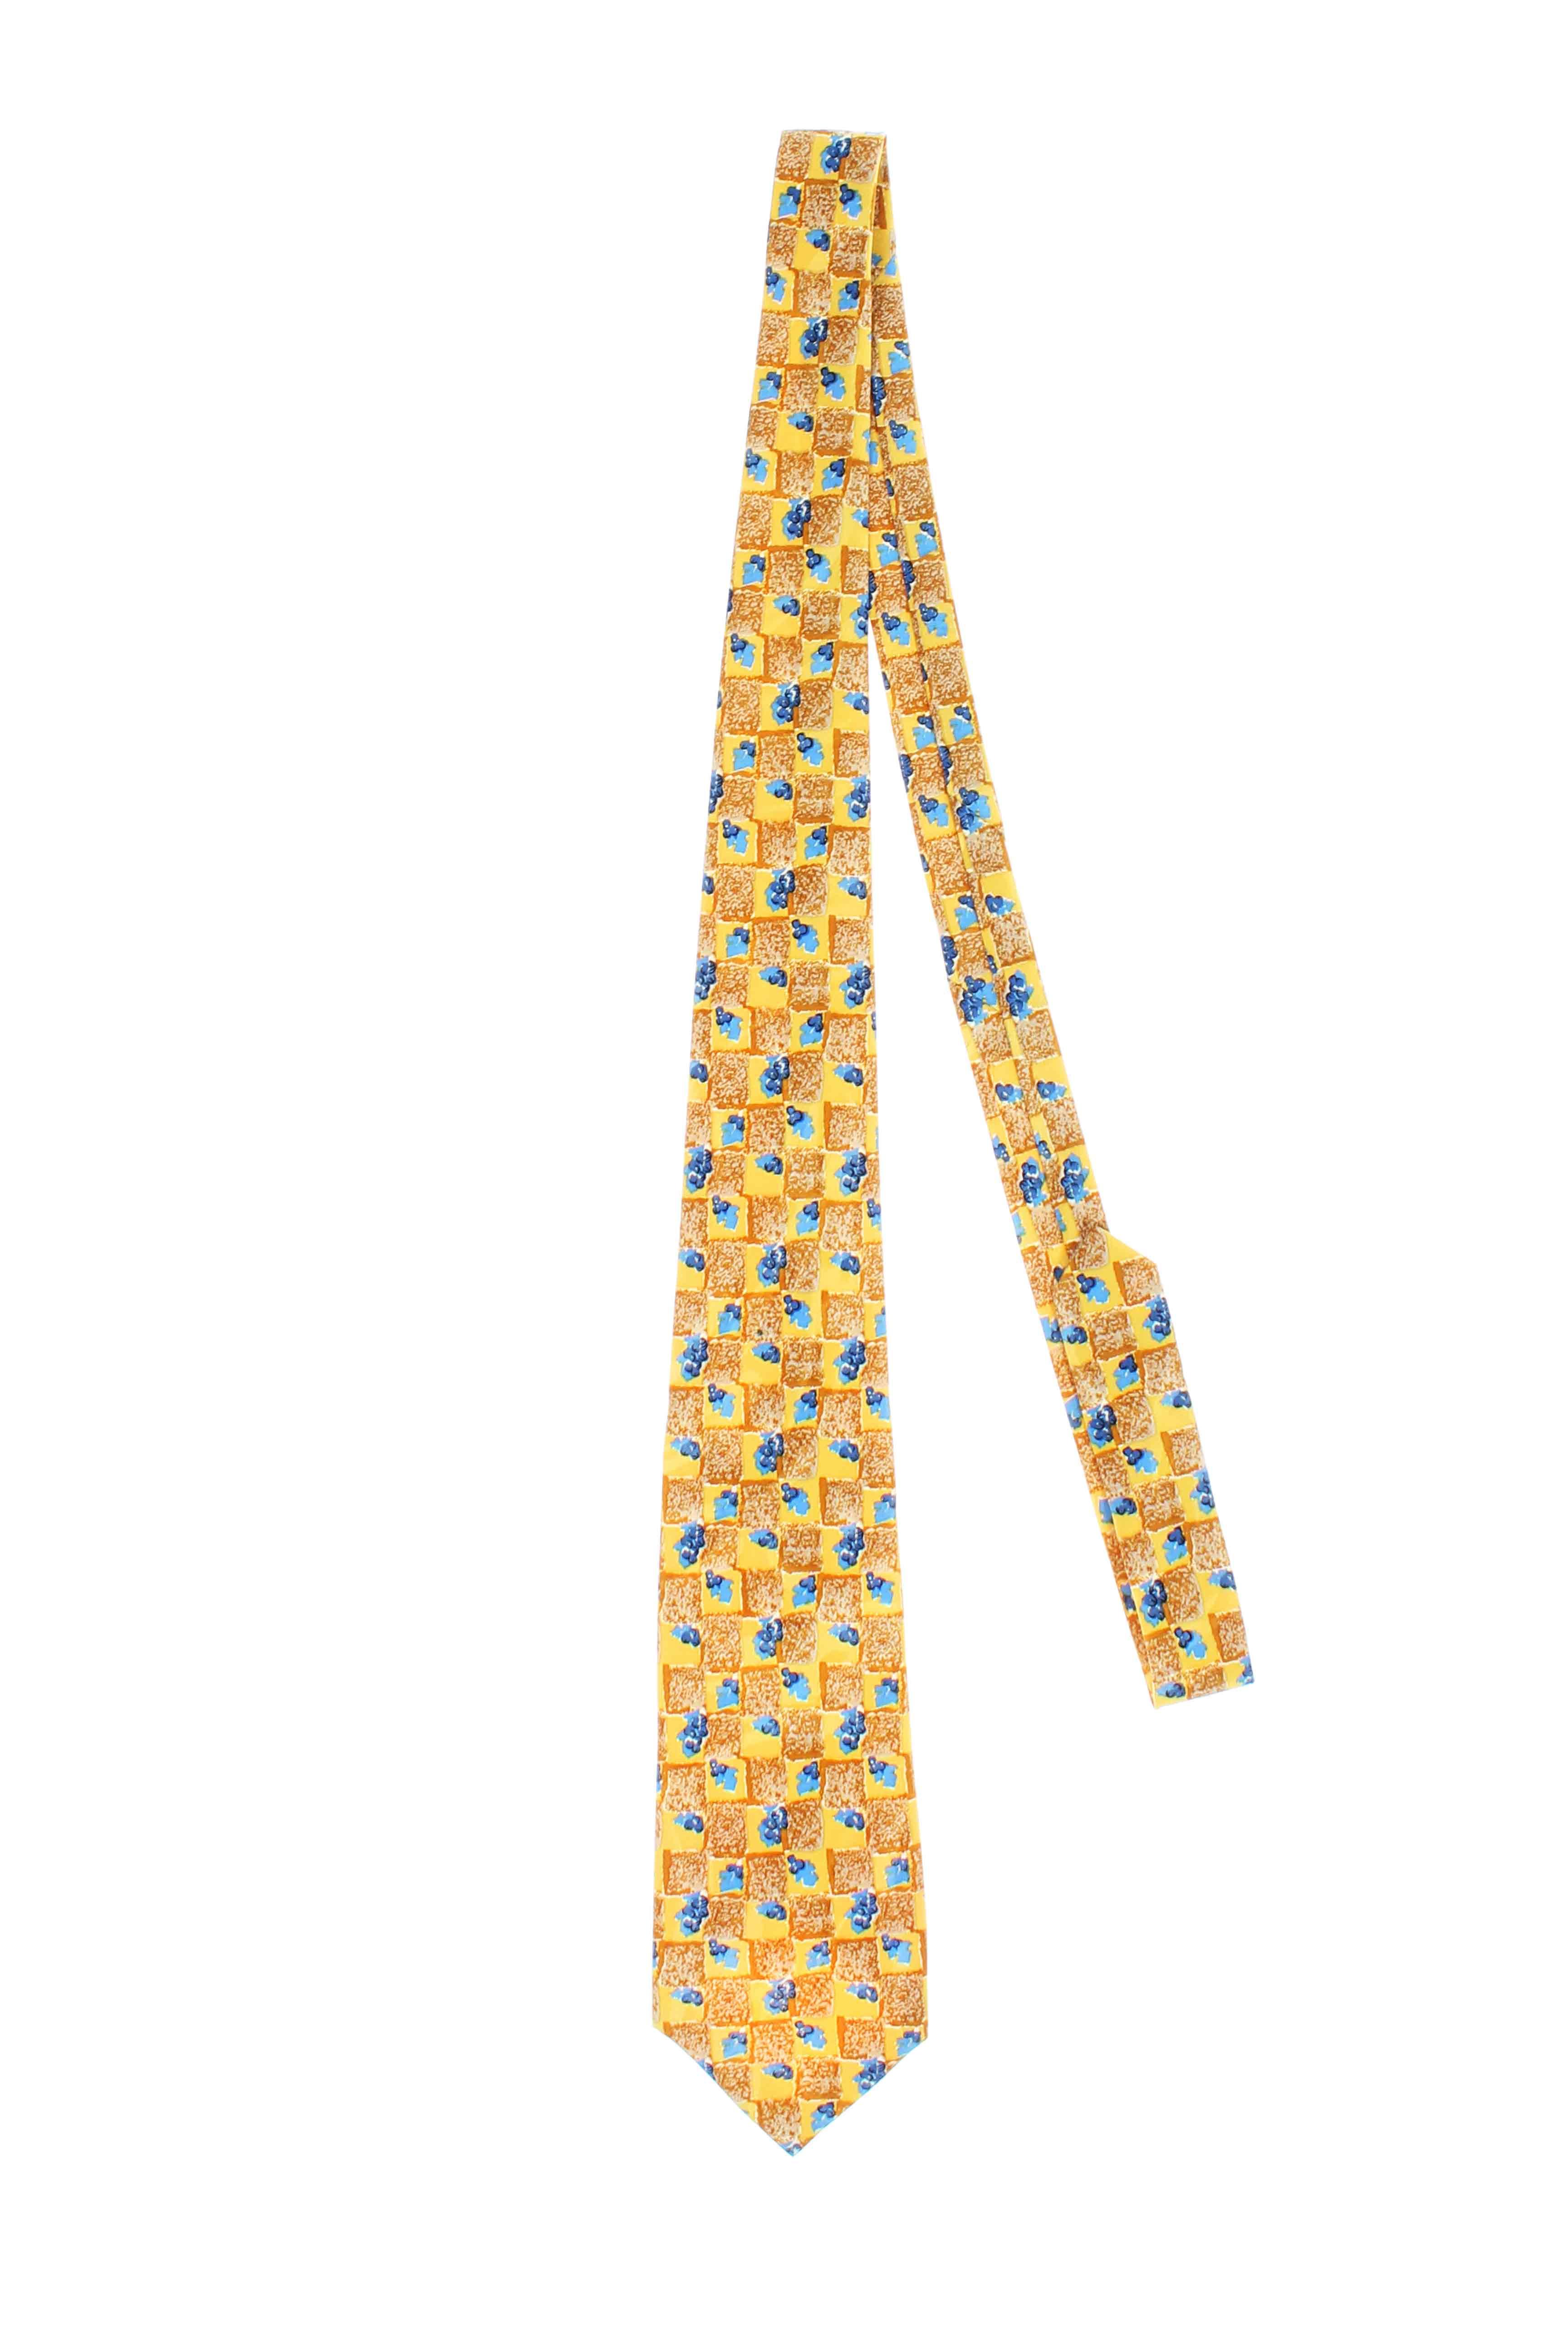 fibre cravate de luxe cravates homme de couleur jaune en soldes pas cher 803763 jaune0 modz. Black Bedroom Furniture Sets. Home Design Ideas